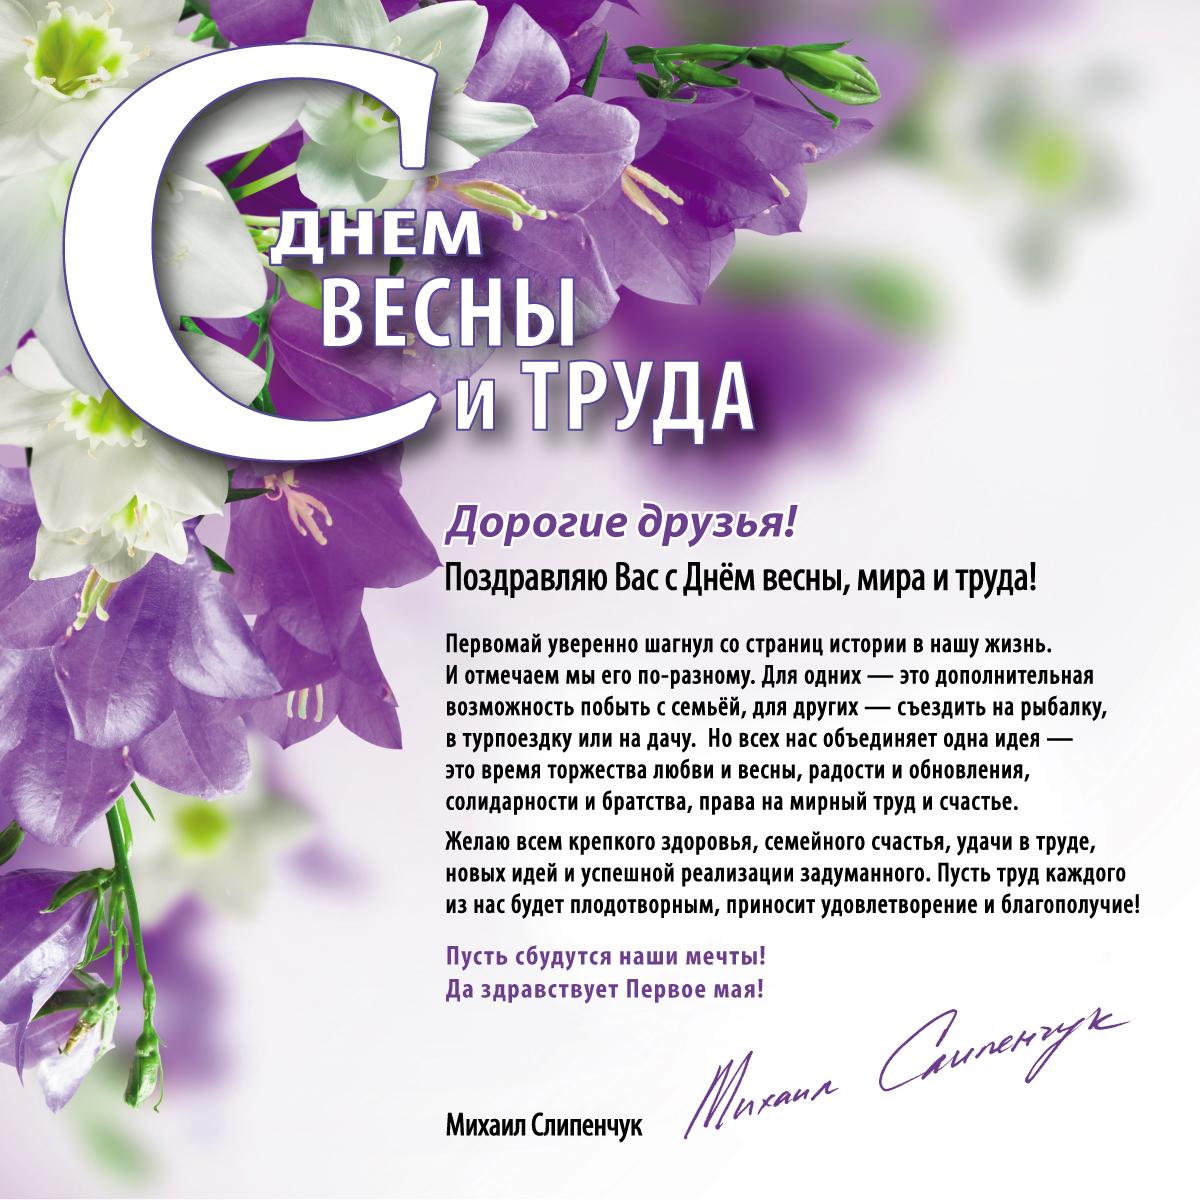 Поздравления с праздником весны в прозе